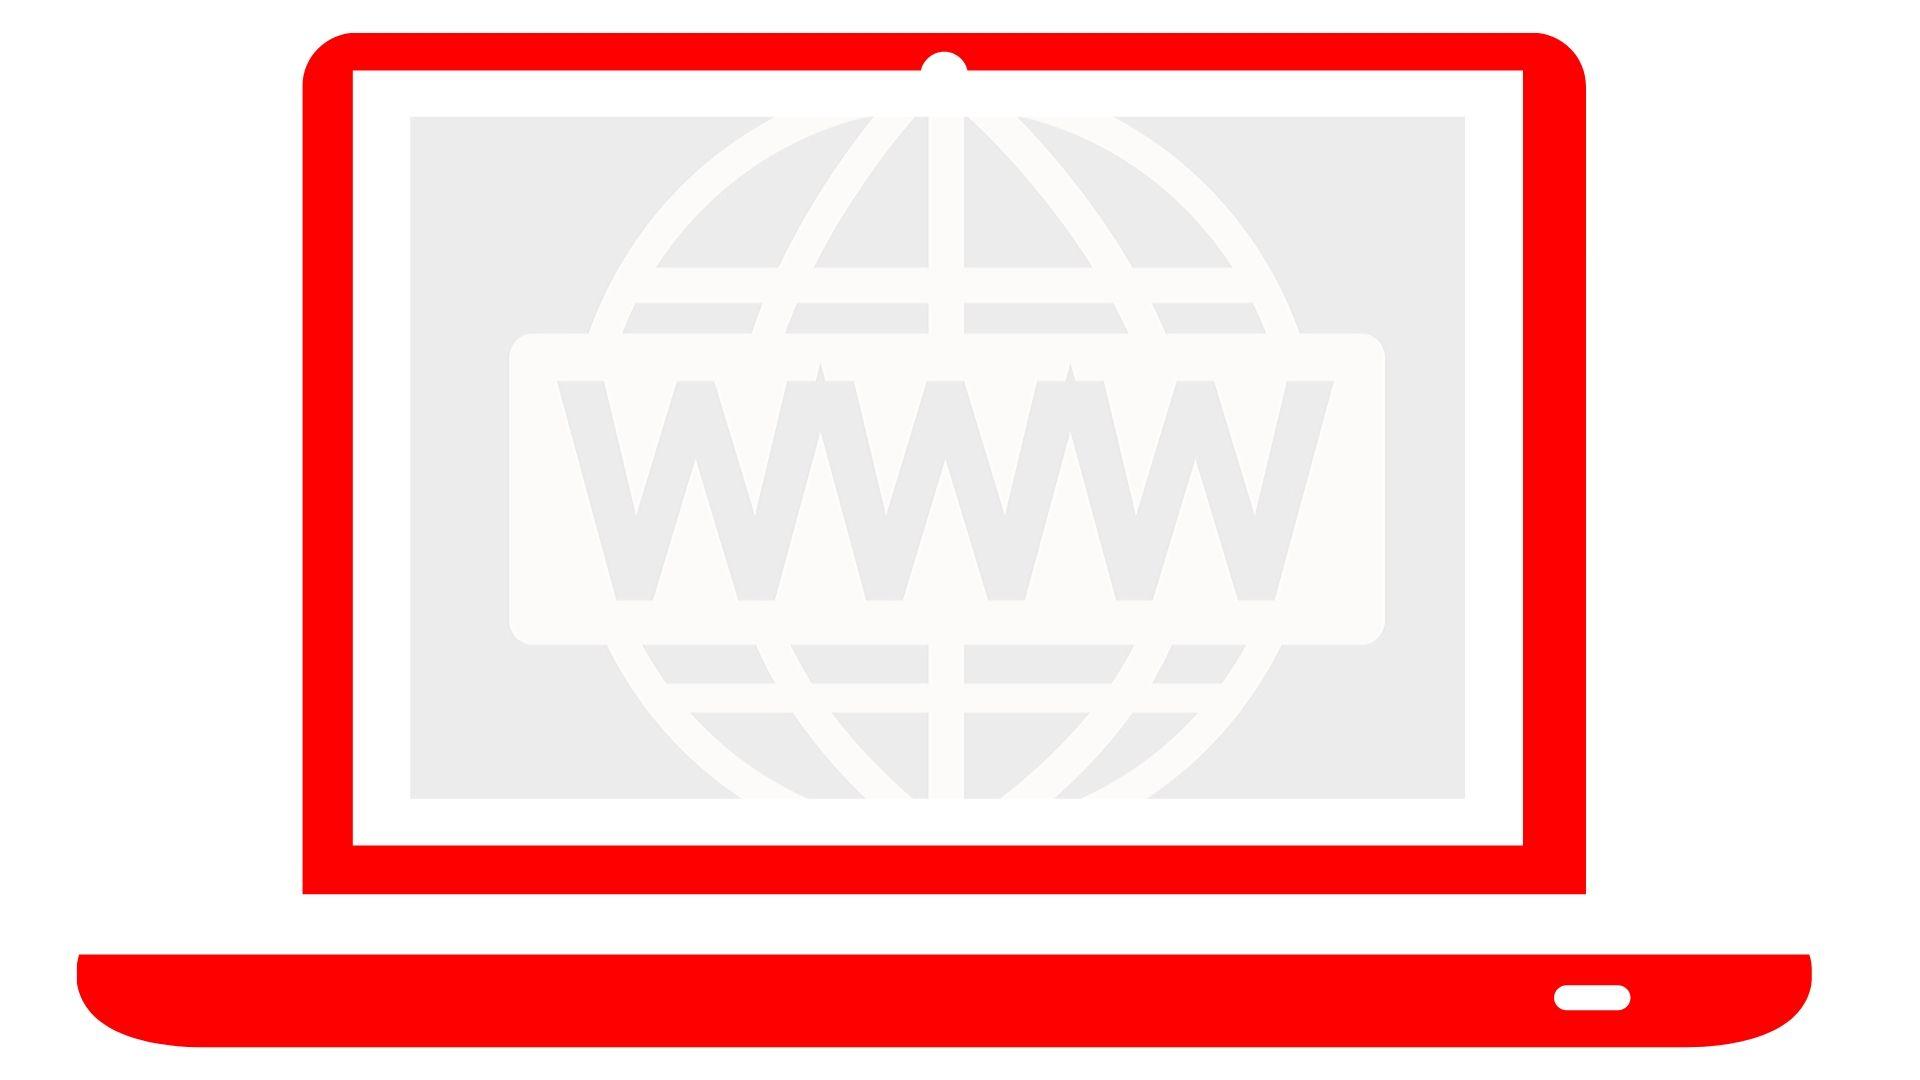 teksty na stronę internetową